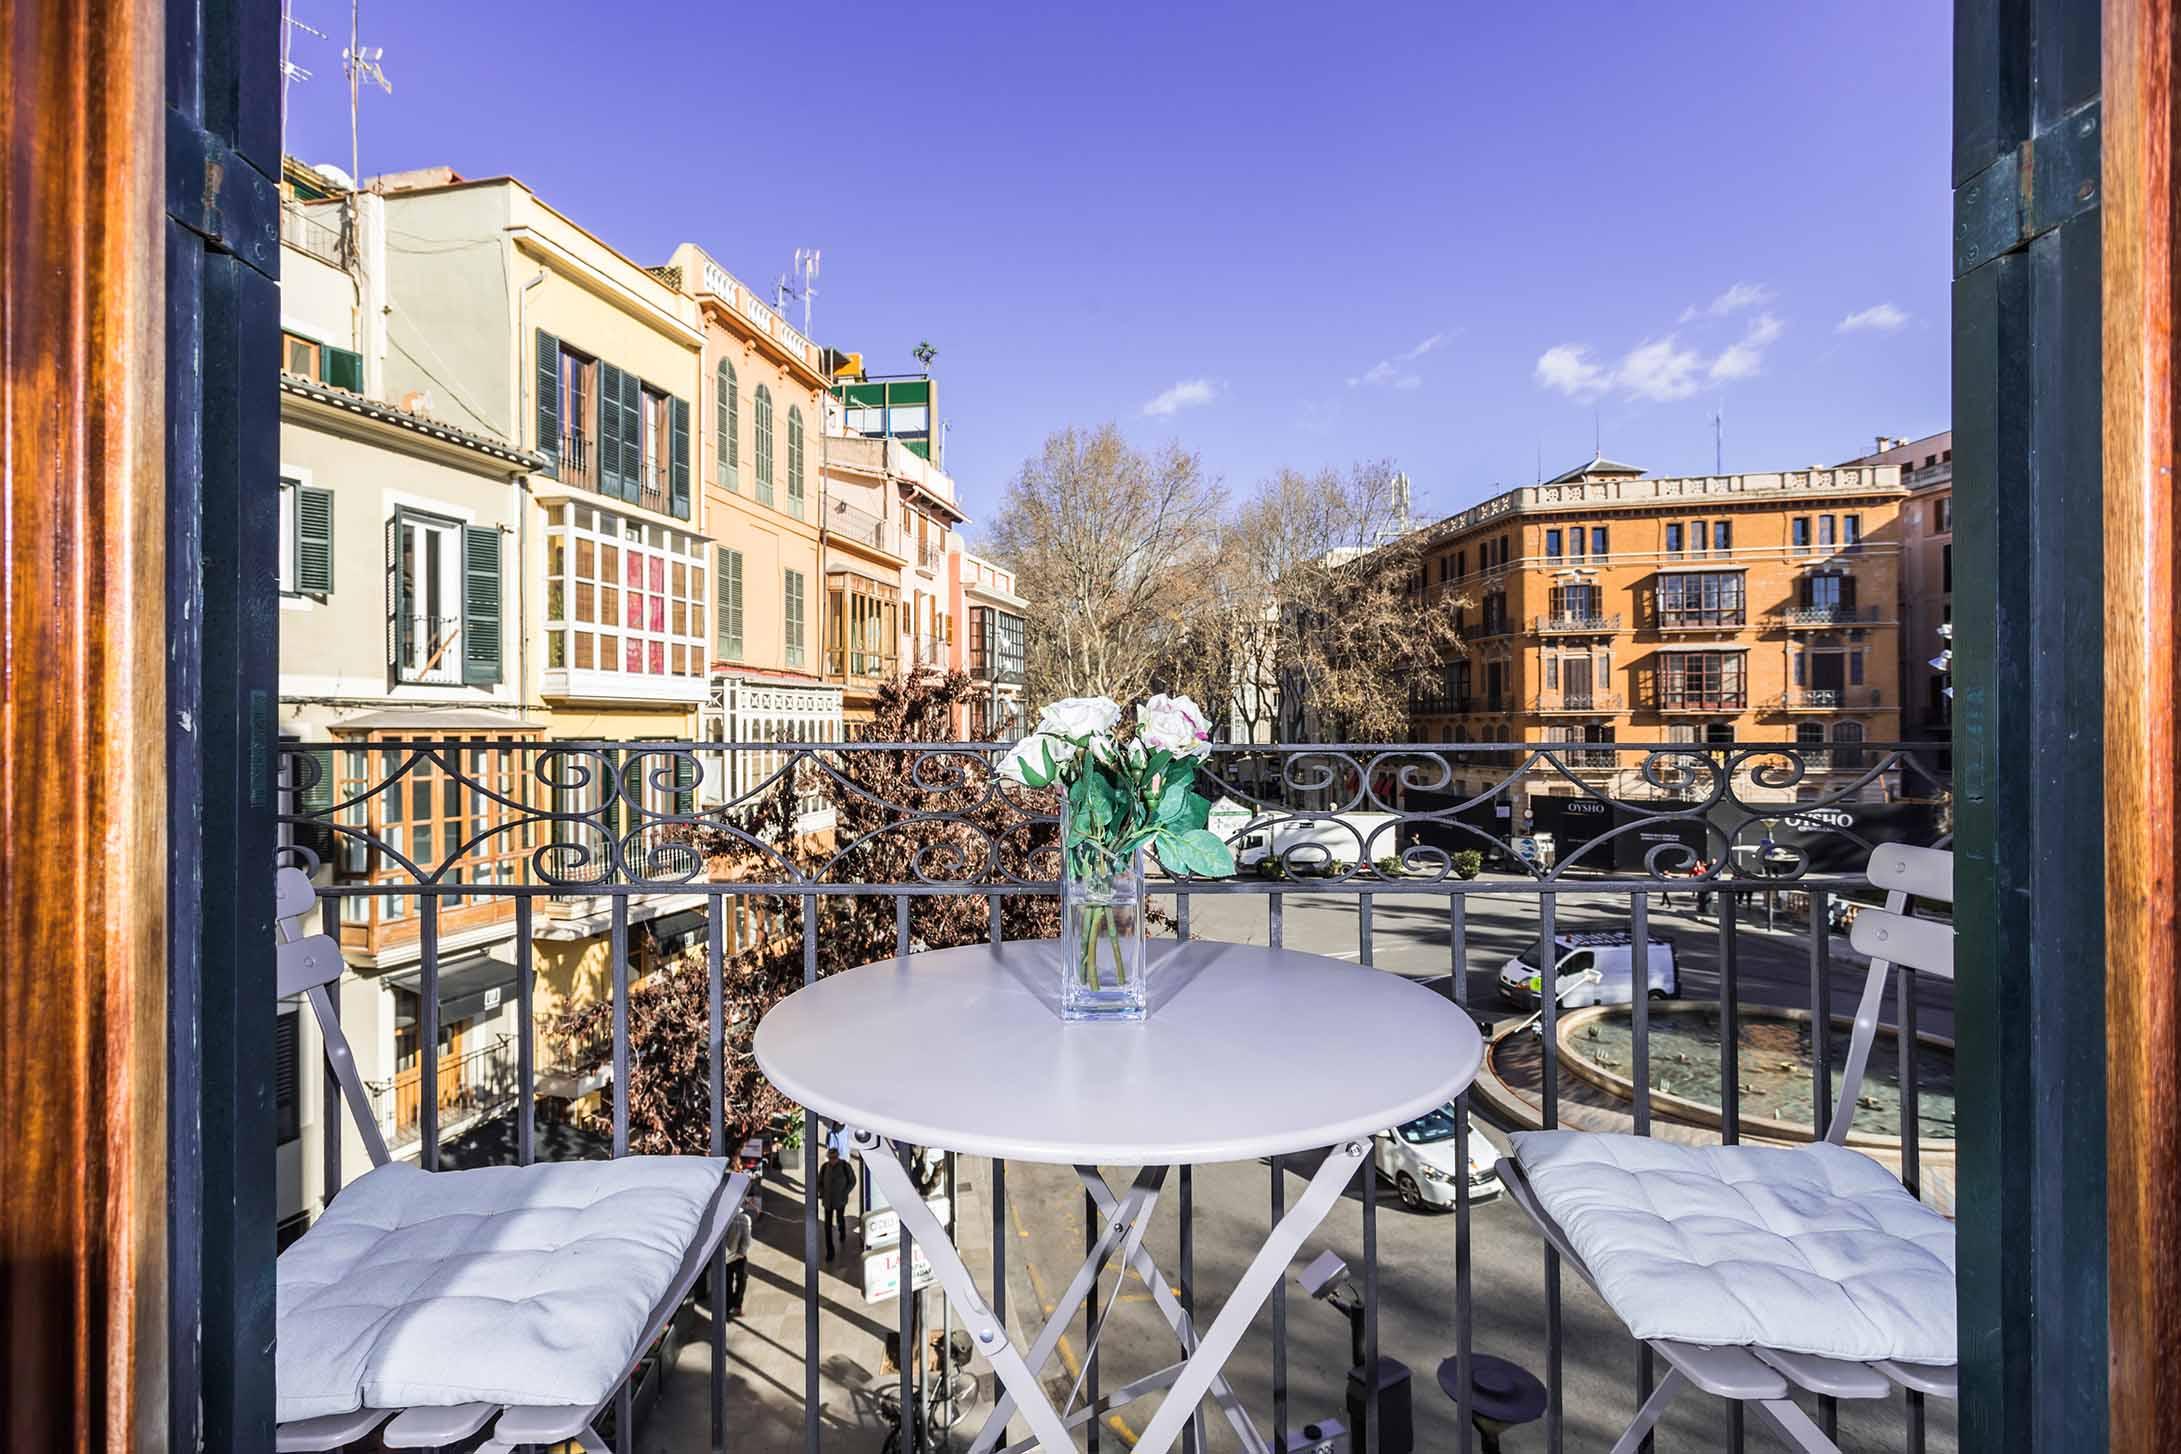 Borne-Suites-Apartamento-Superior-3-Pax-Palma-de-Mallorca-Balcon-Vistas